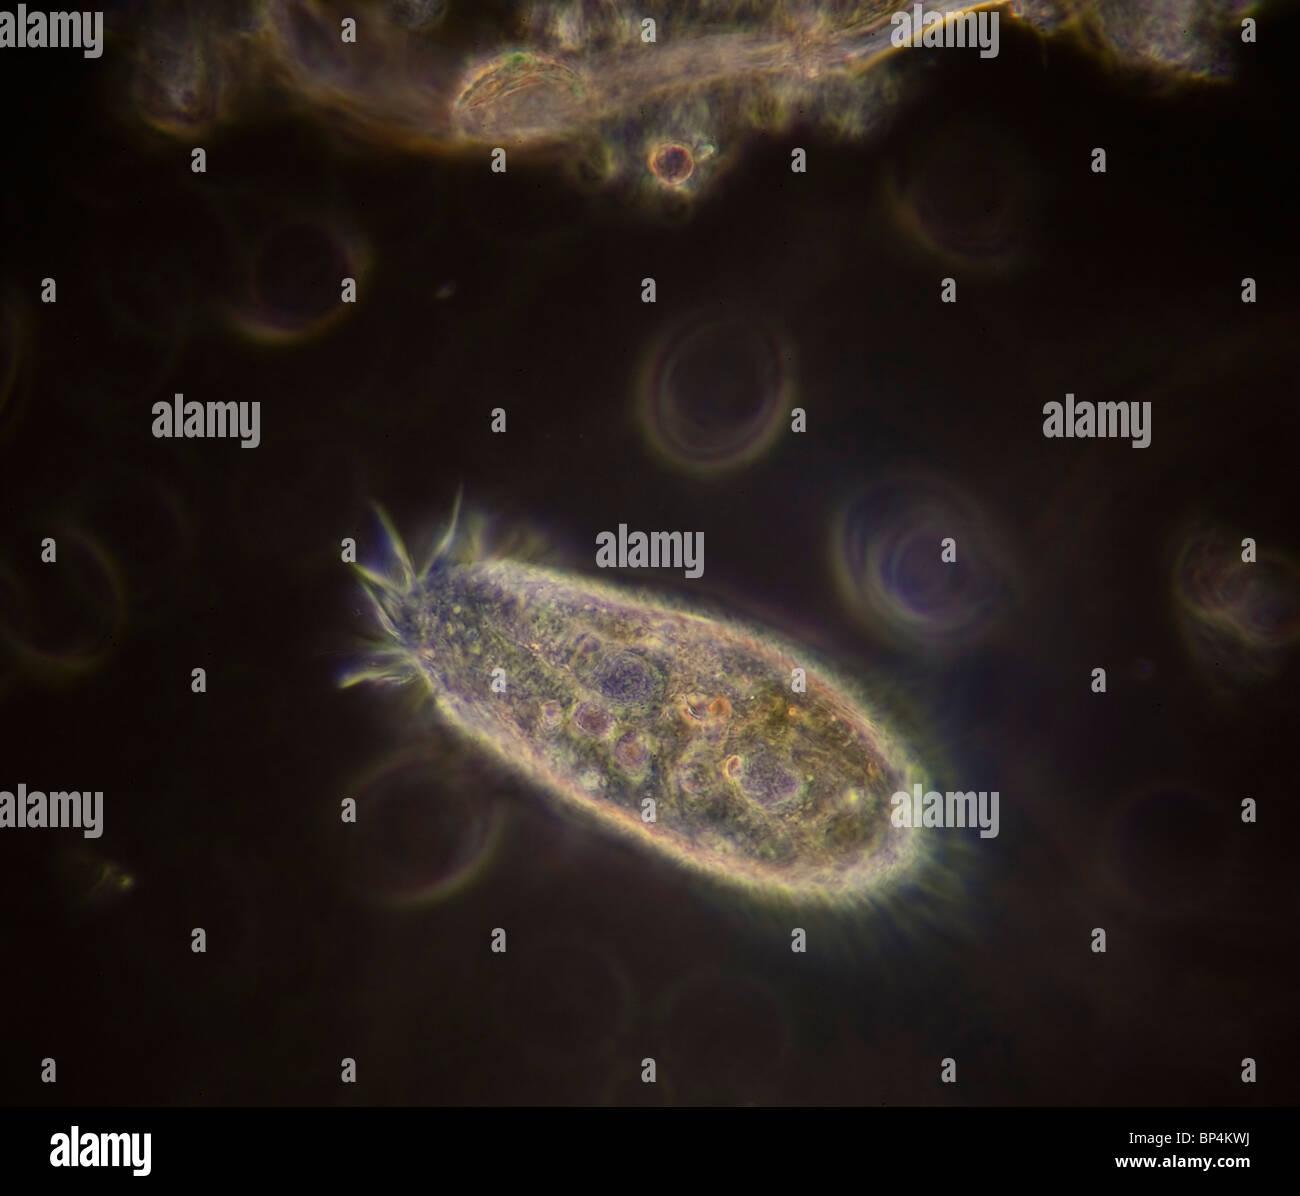 Campo oscuro / contrasto fase microfotografia di una Hypotrich, un nuoto veloce ciliato, in un campione di acqua Immagini Stock